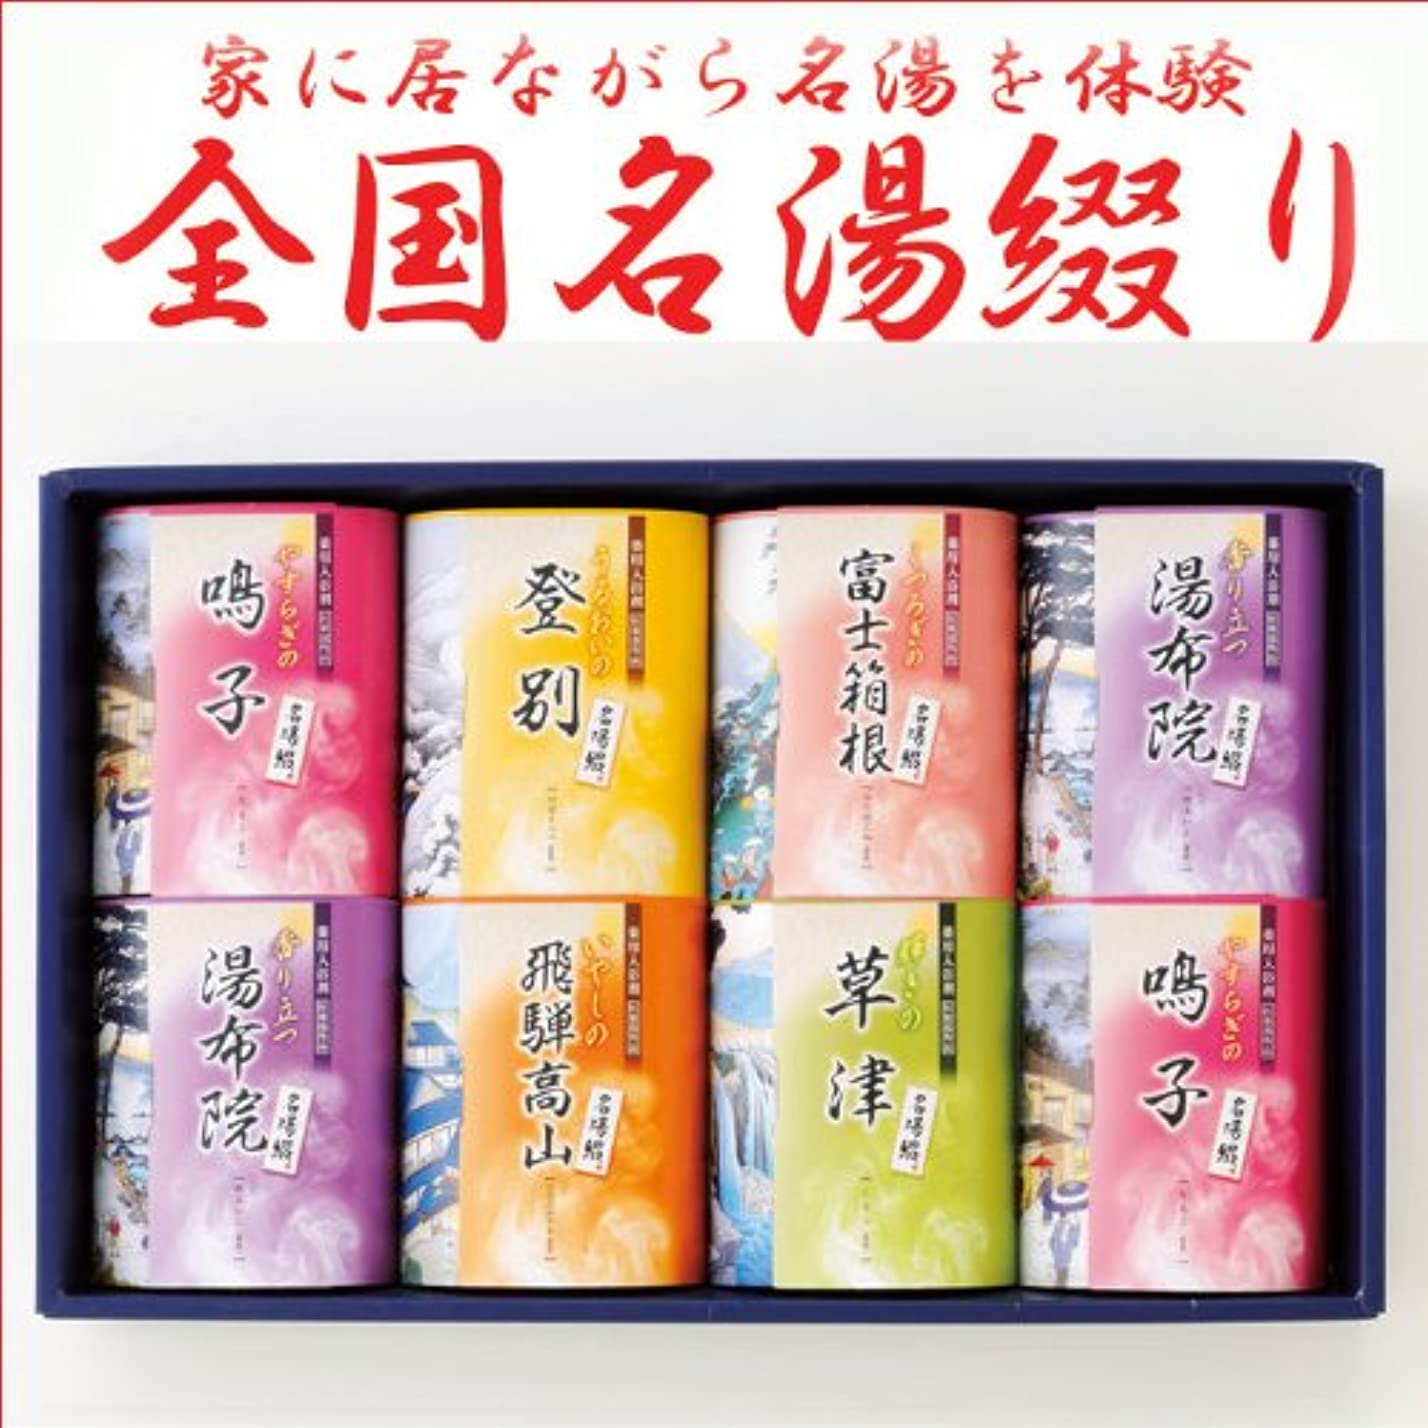 アイロニーデッキ描写日本全国名湯の温泉巡り入浴剤ギフトセット